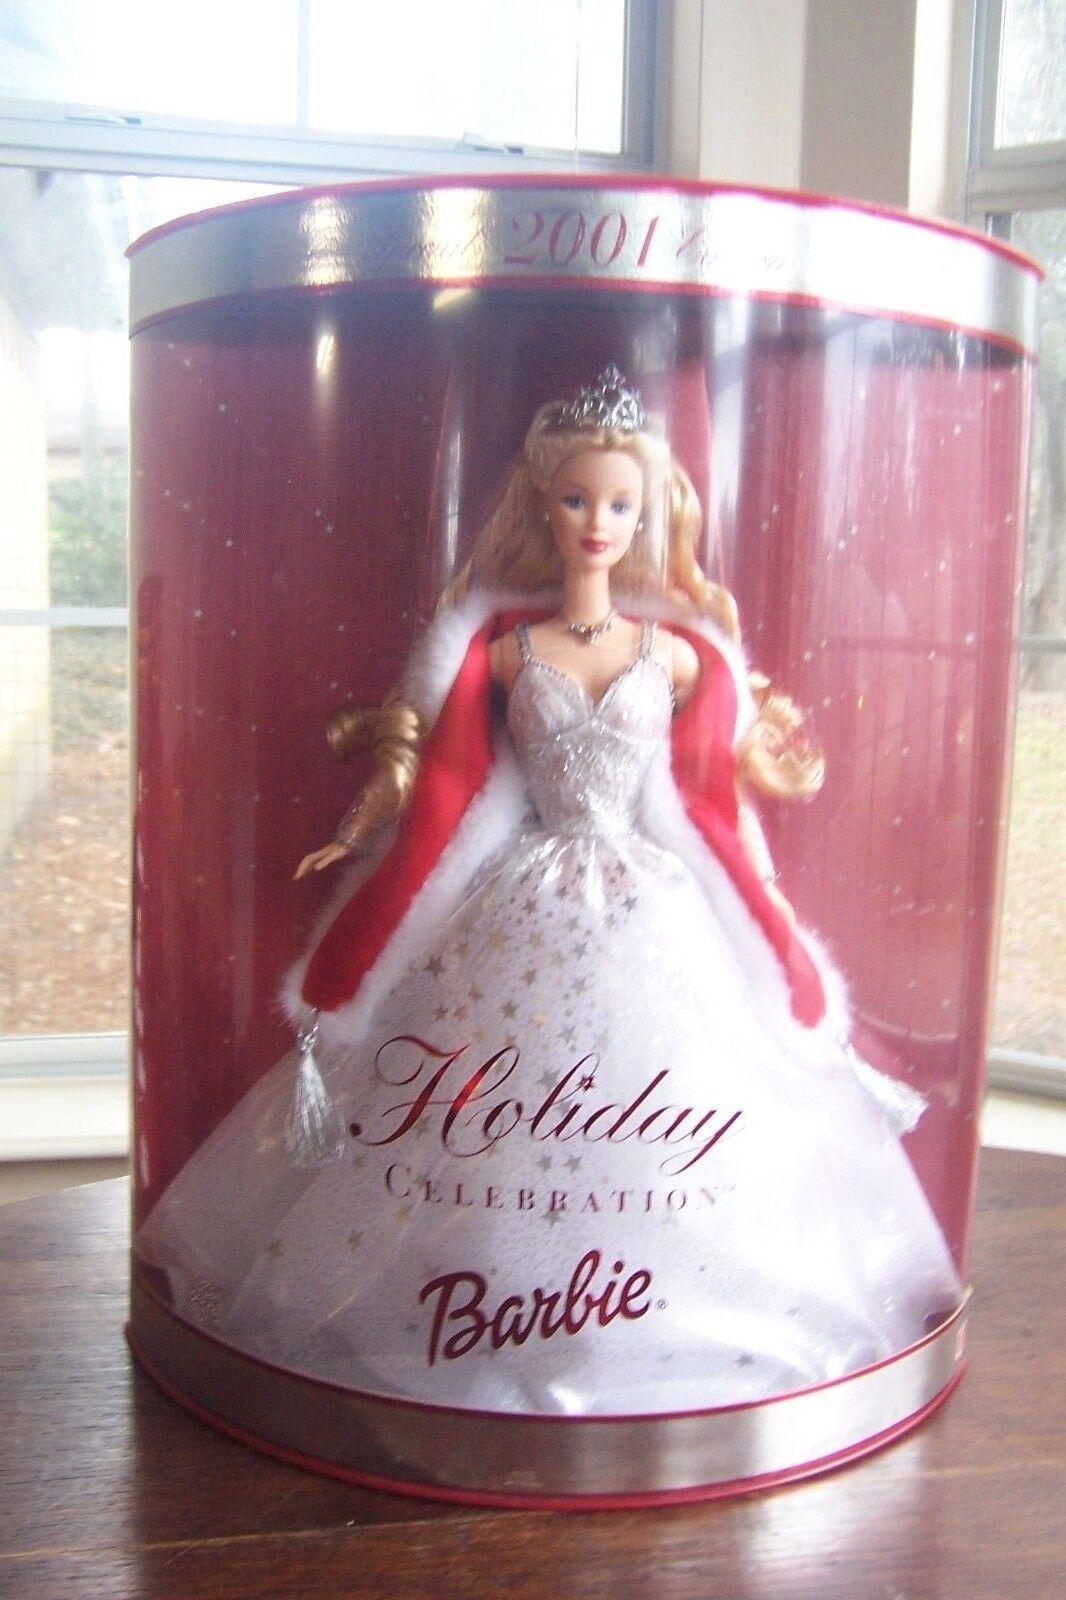 Mattel Barbie Edición Especial 2001 vacaciones celebración de Barbie Nuevo En Caja 50304